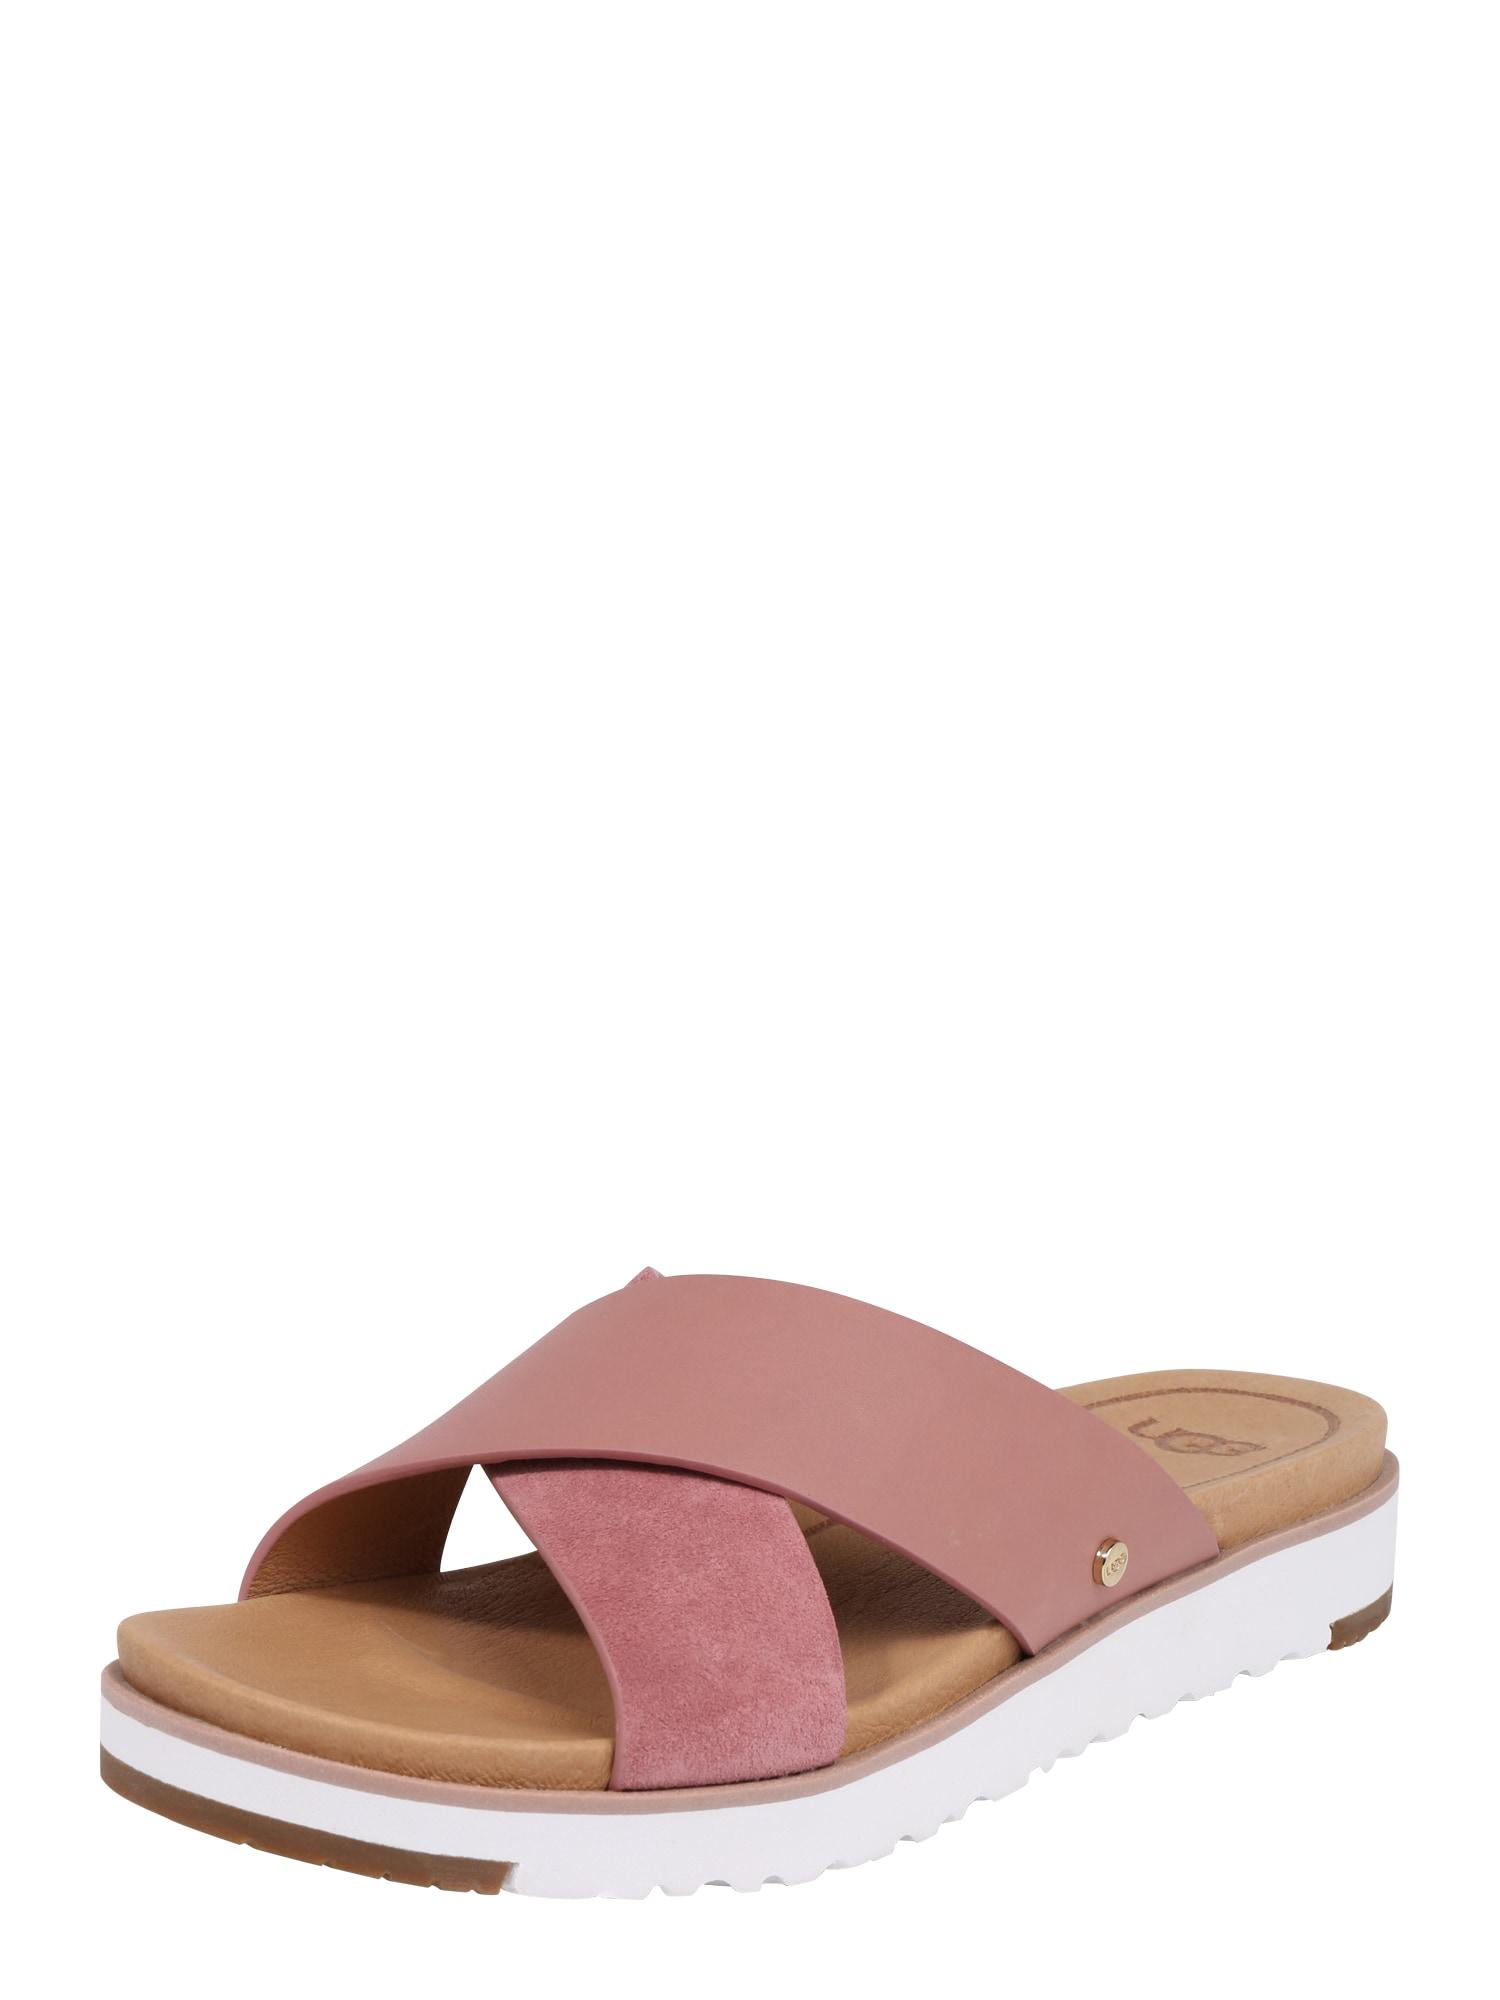 Pantofle Kari světle hnědá růžová UGG